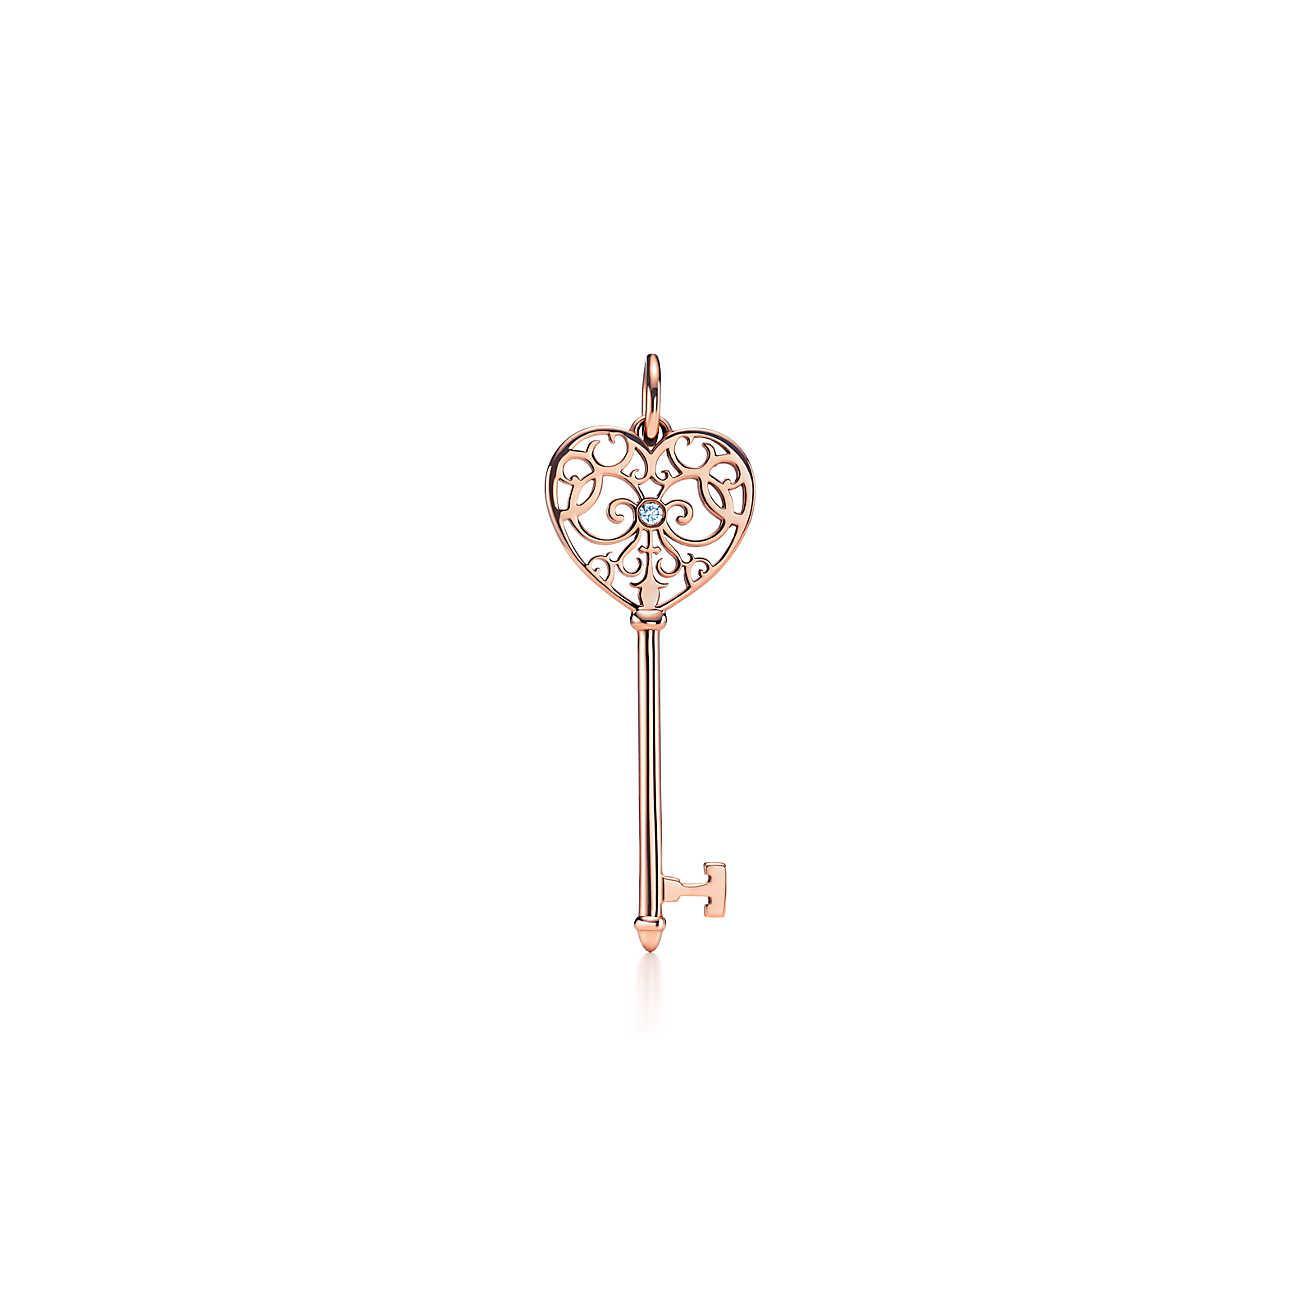 Llaves De Tiffany Atlas Clave Colgante En Oro Rosa De 18 Quilates Con Diamantes, Tiffany & Co Medio.